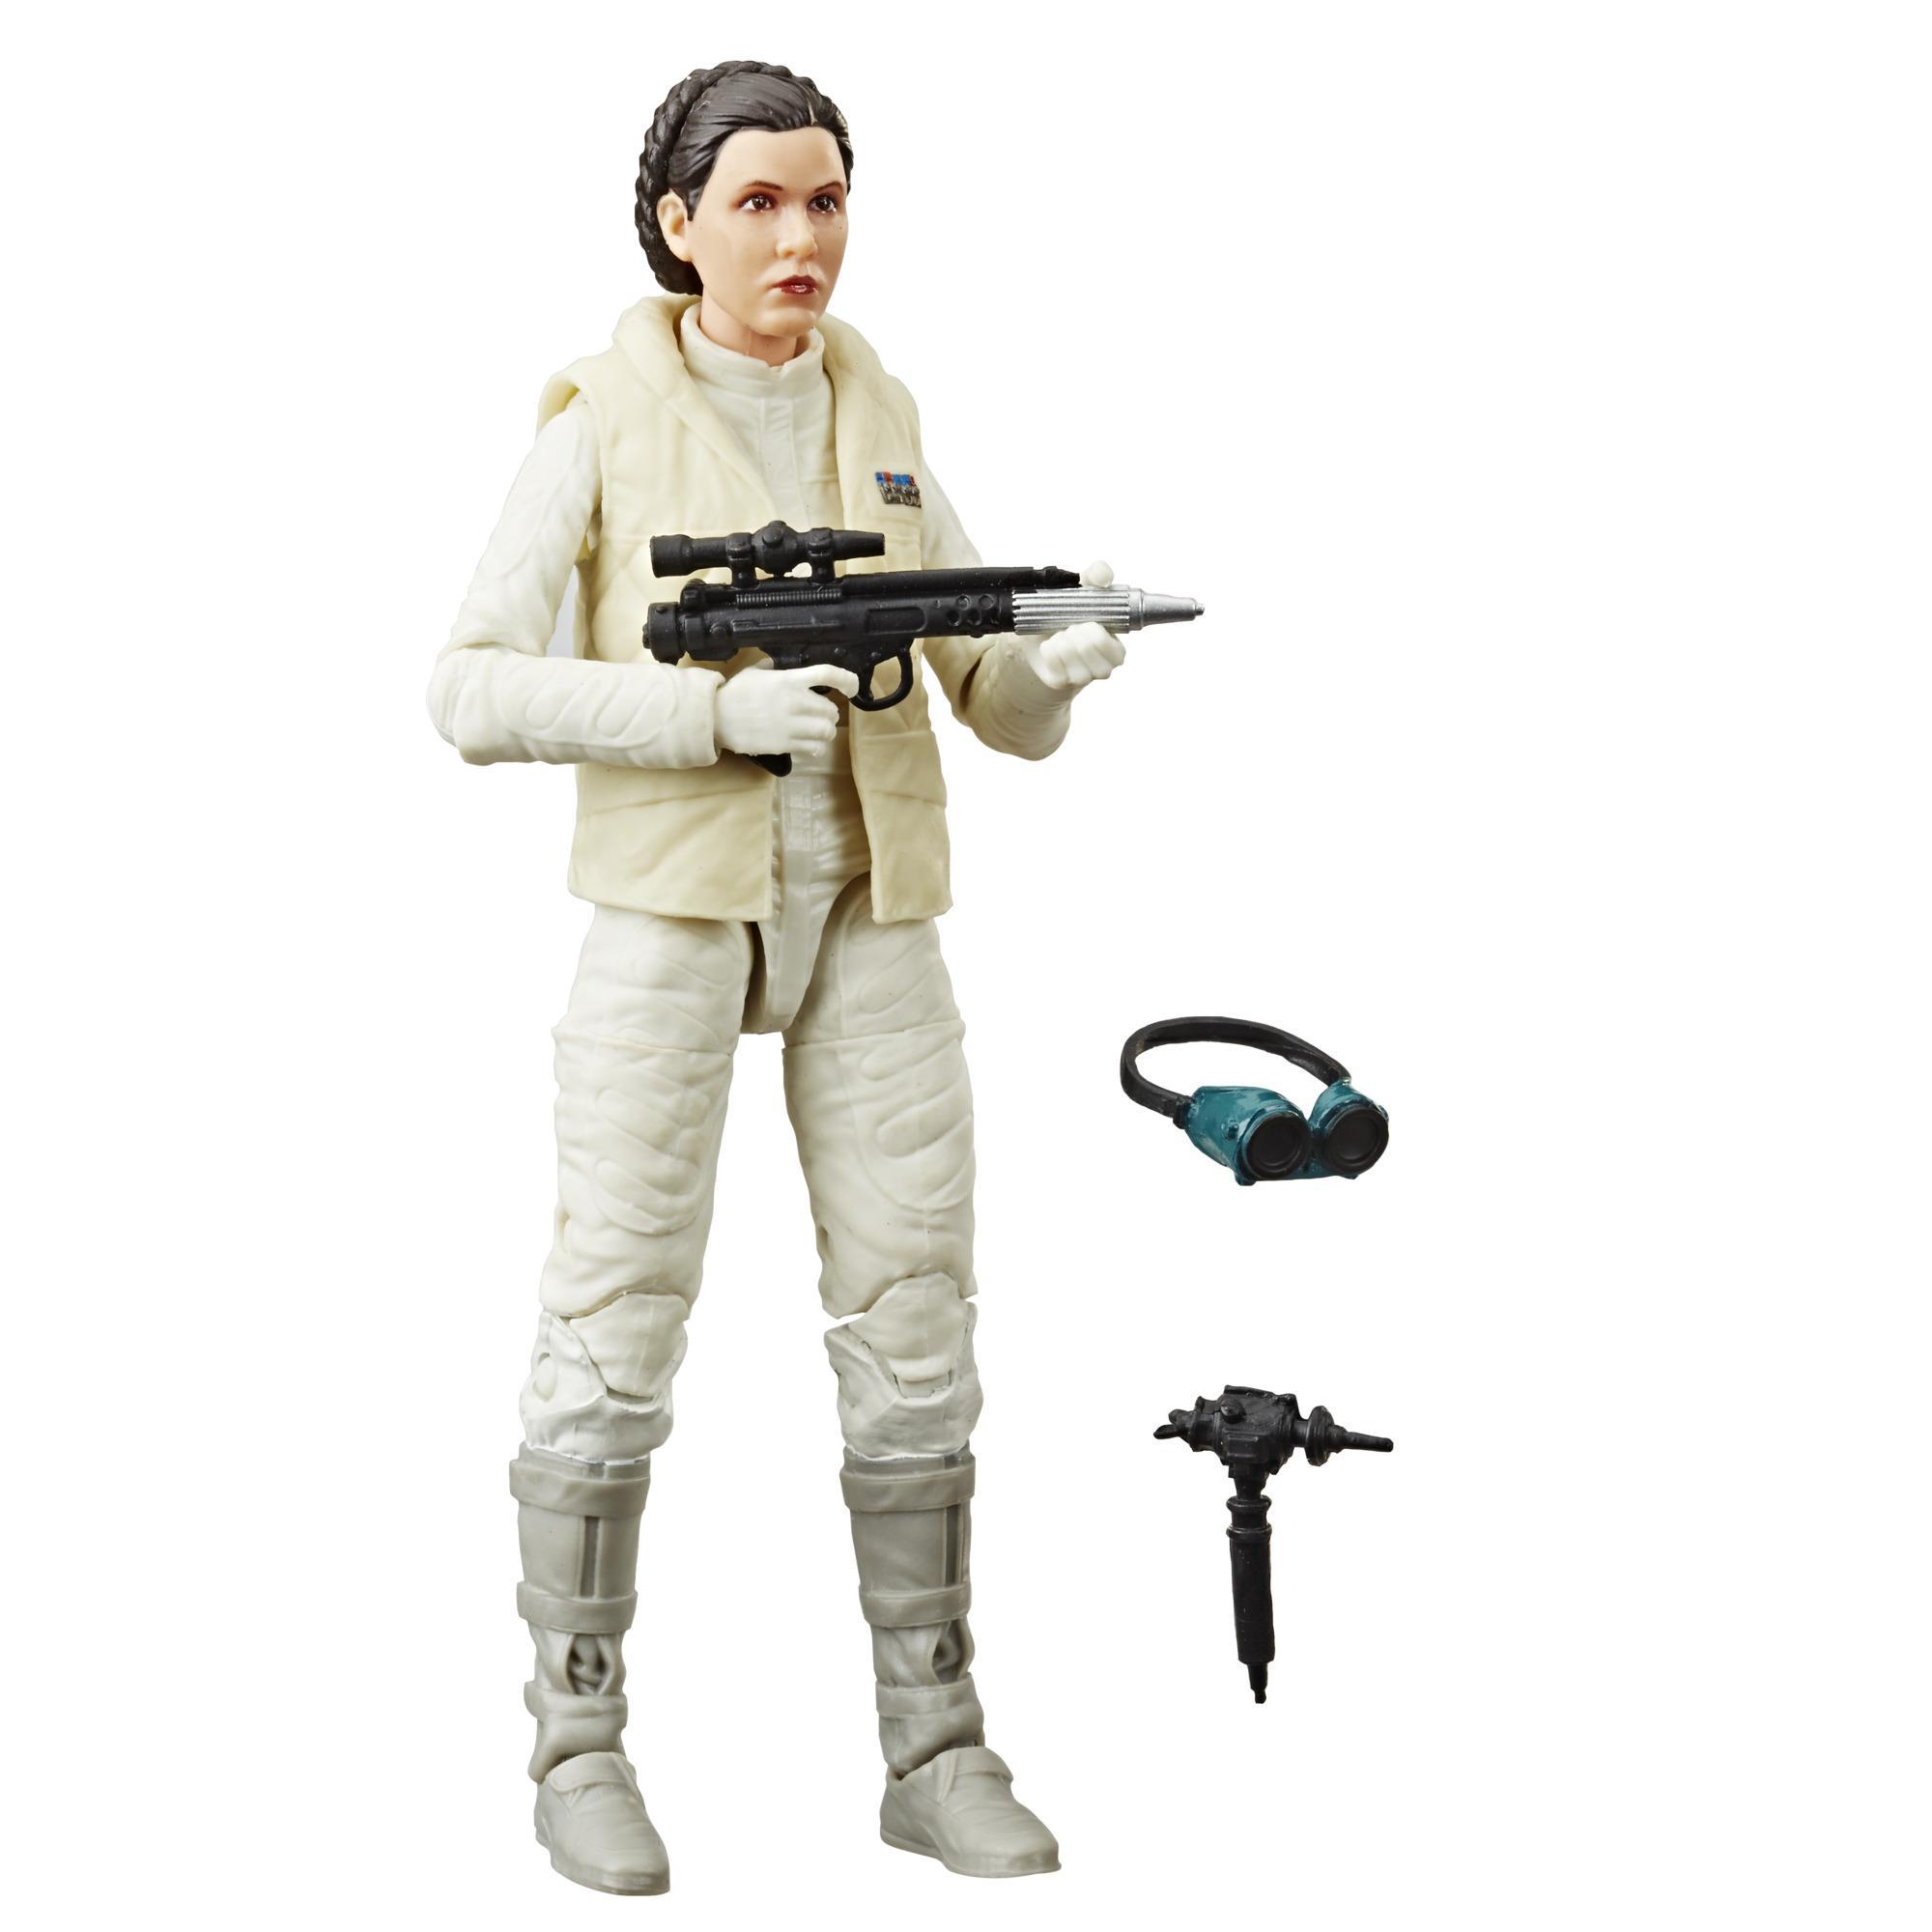 Figura de acción de la princesa Leia Organa (Hoth) de Star Wars The Black Series de 15cm de Star Wars: El Imperio contraataca